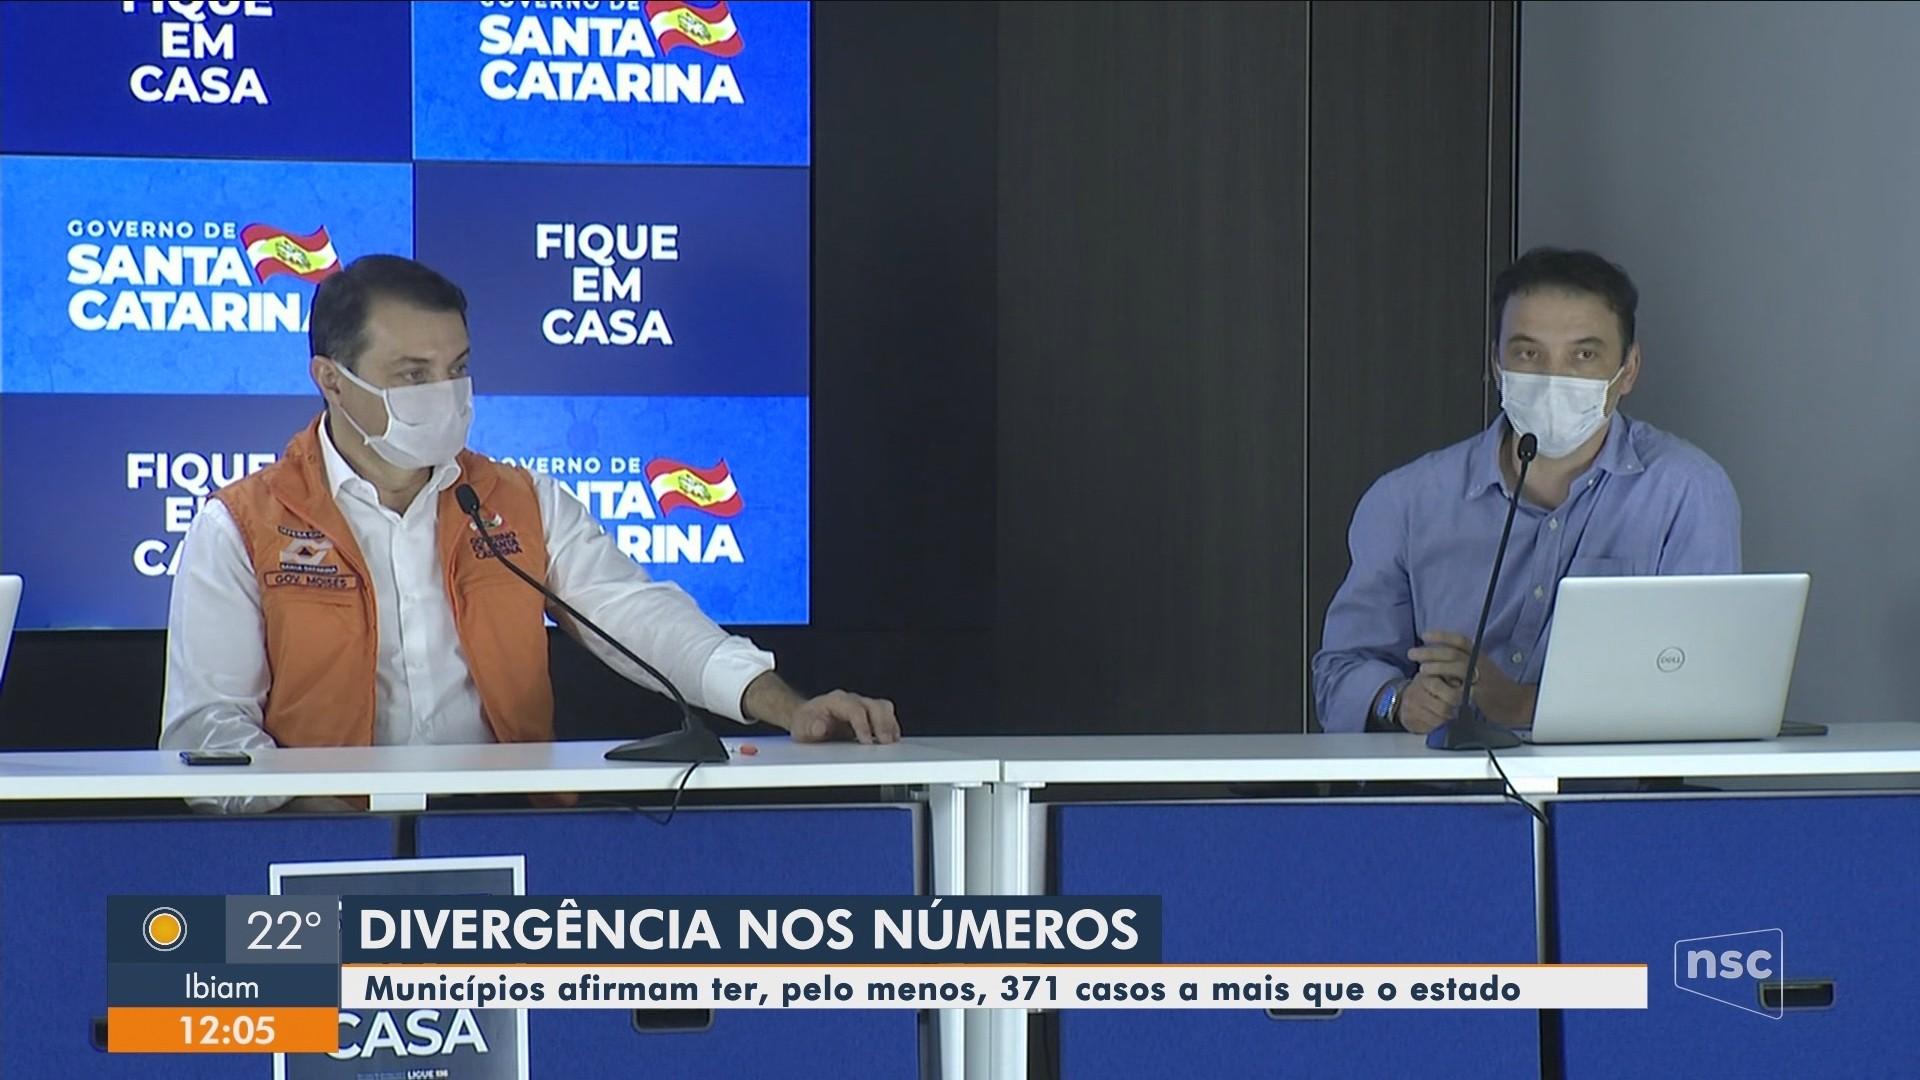 VÍDEOS: Jornal do Almoço de quinta, 23 de abril